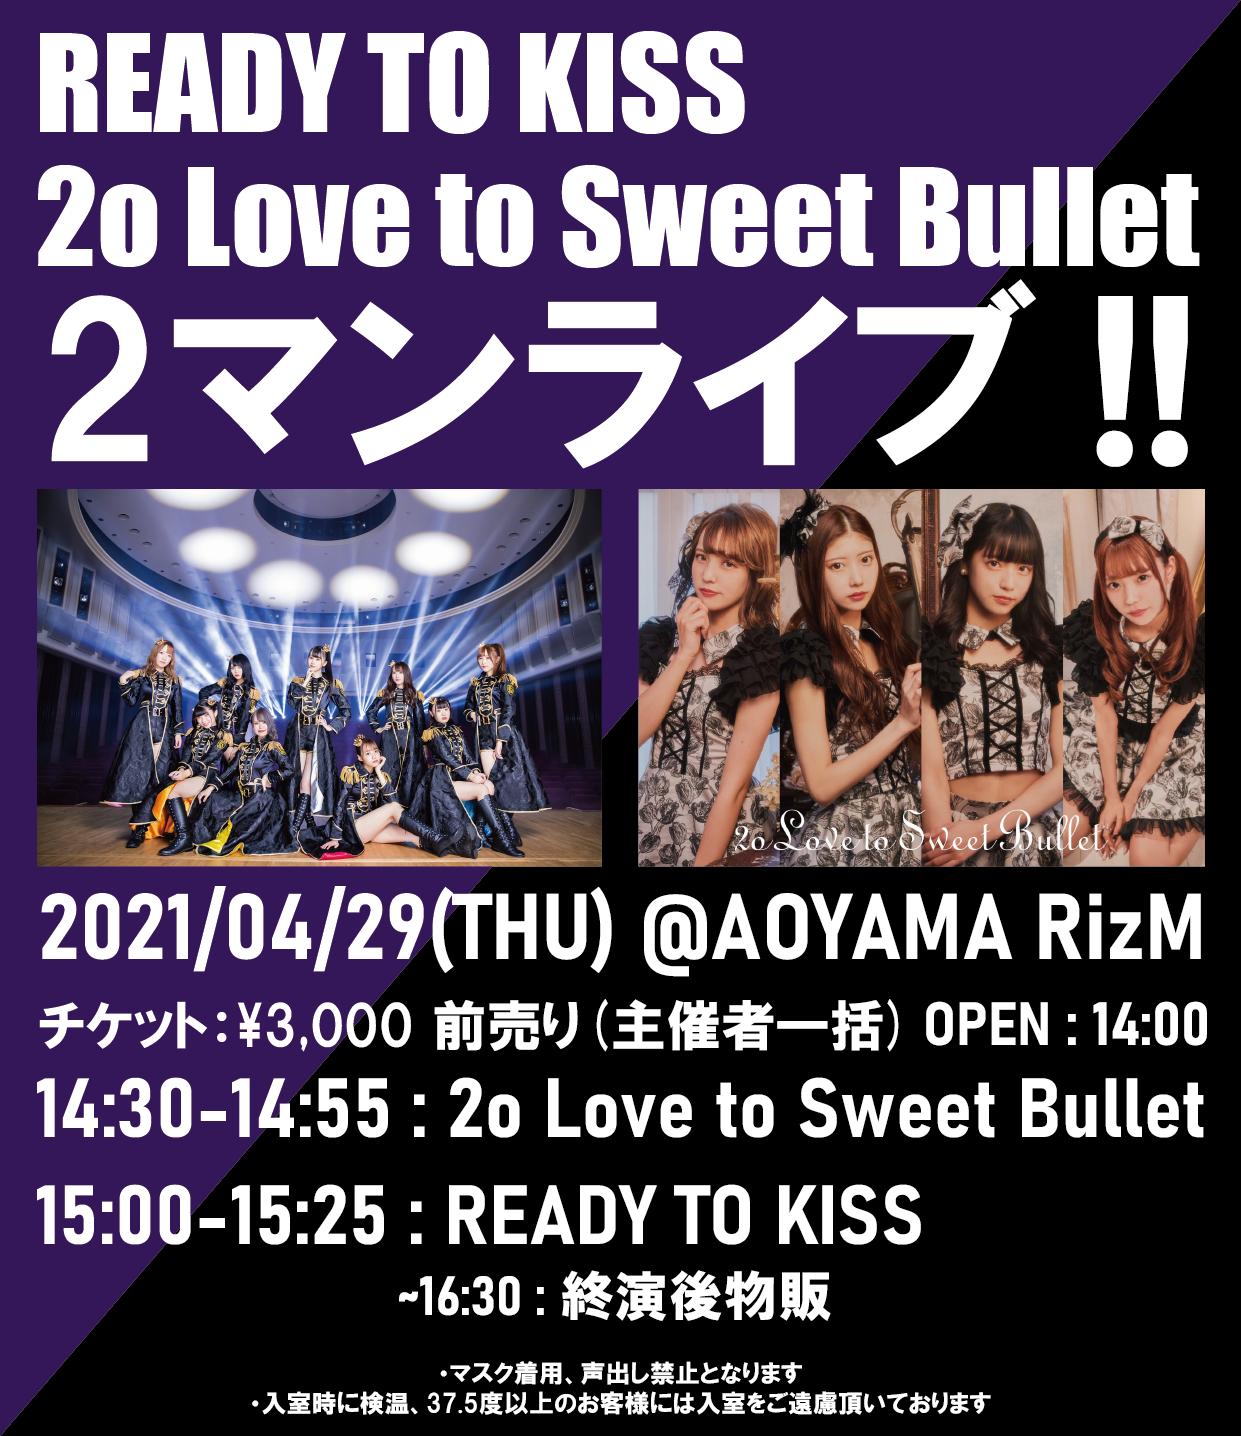 4月29日(祝・木) 『READY TO KISS、2o Love to Sweet Bullet 2マンライブ!!』